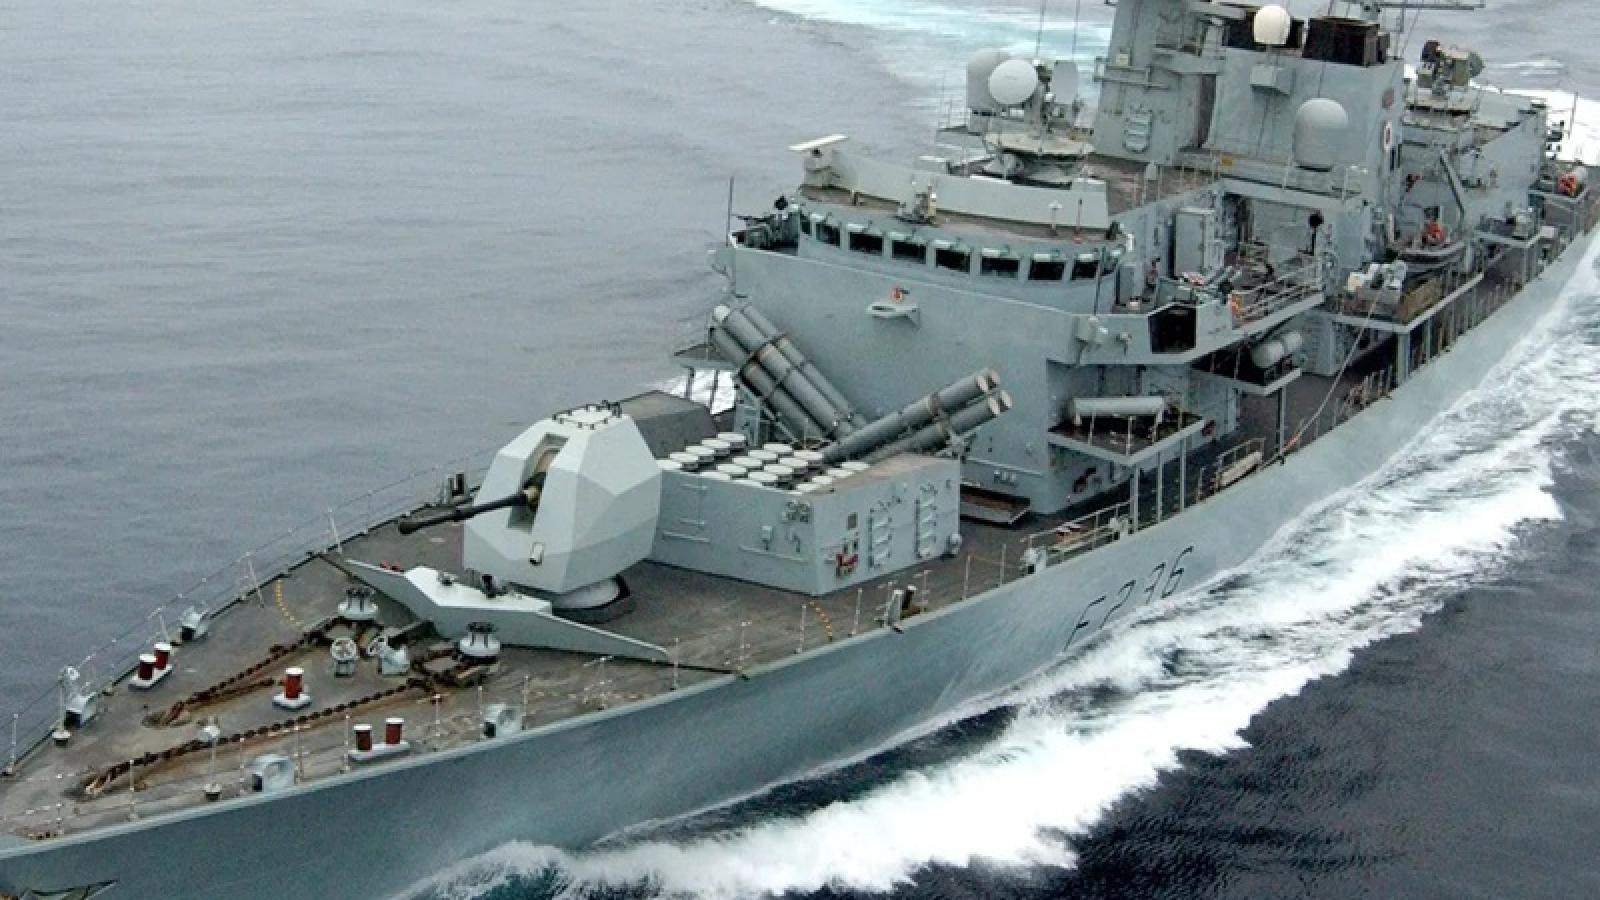 Tàu hải quân Anh sẵn sàng bảo vệ vùng biển trước các tàu đánh cá của EU